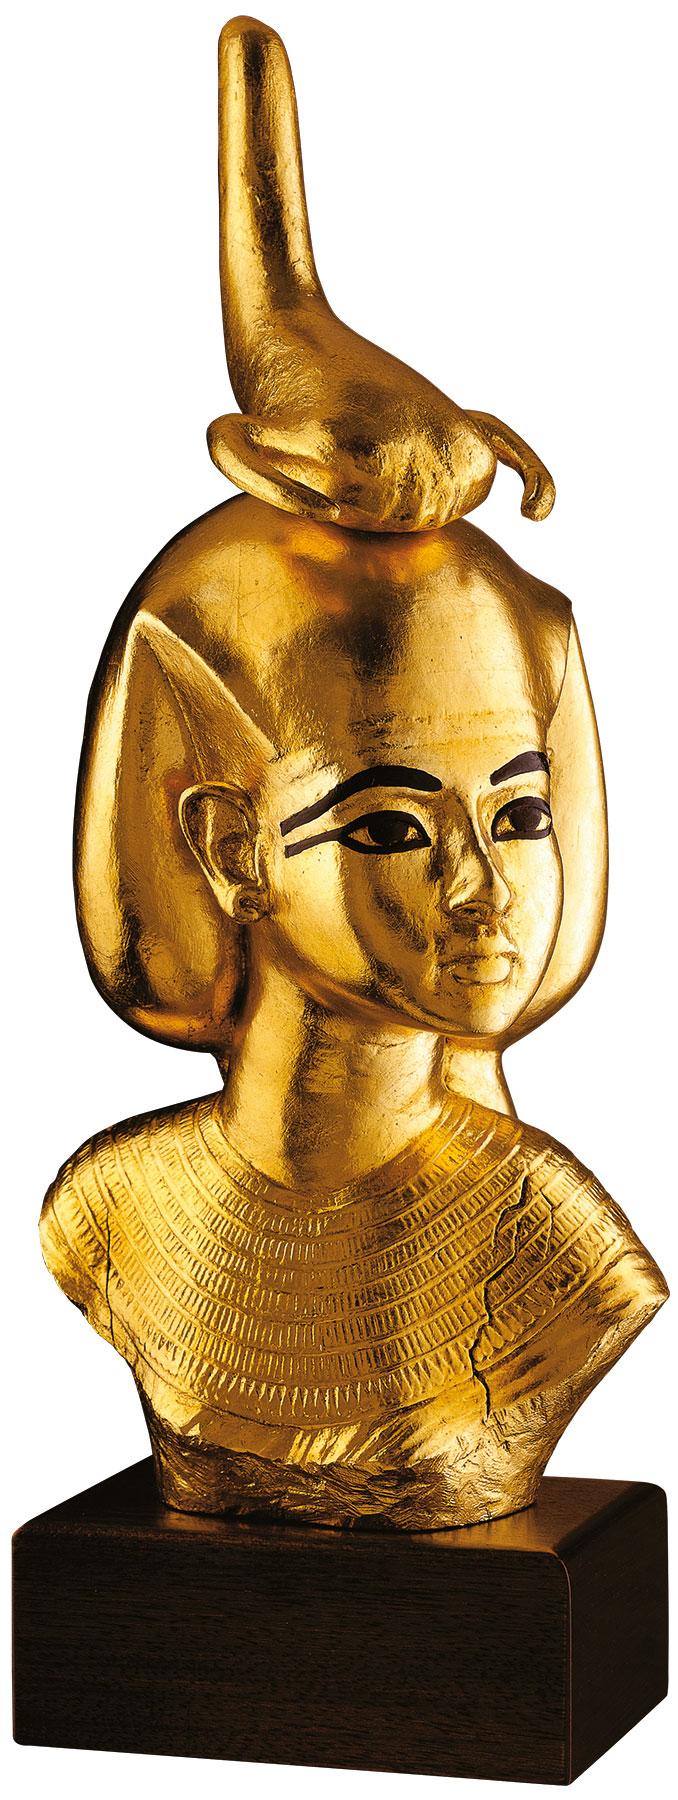 Büste der Schutzgöttin Selket, vergoldet